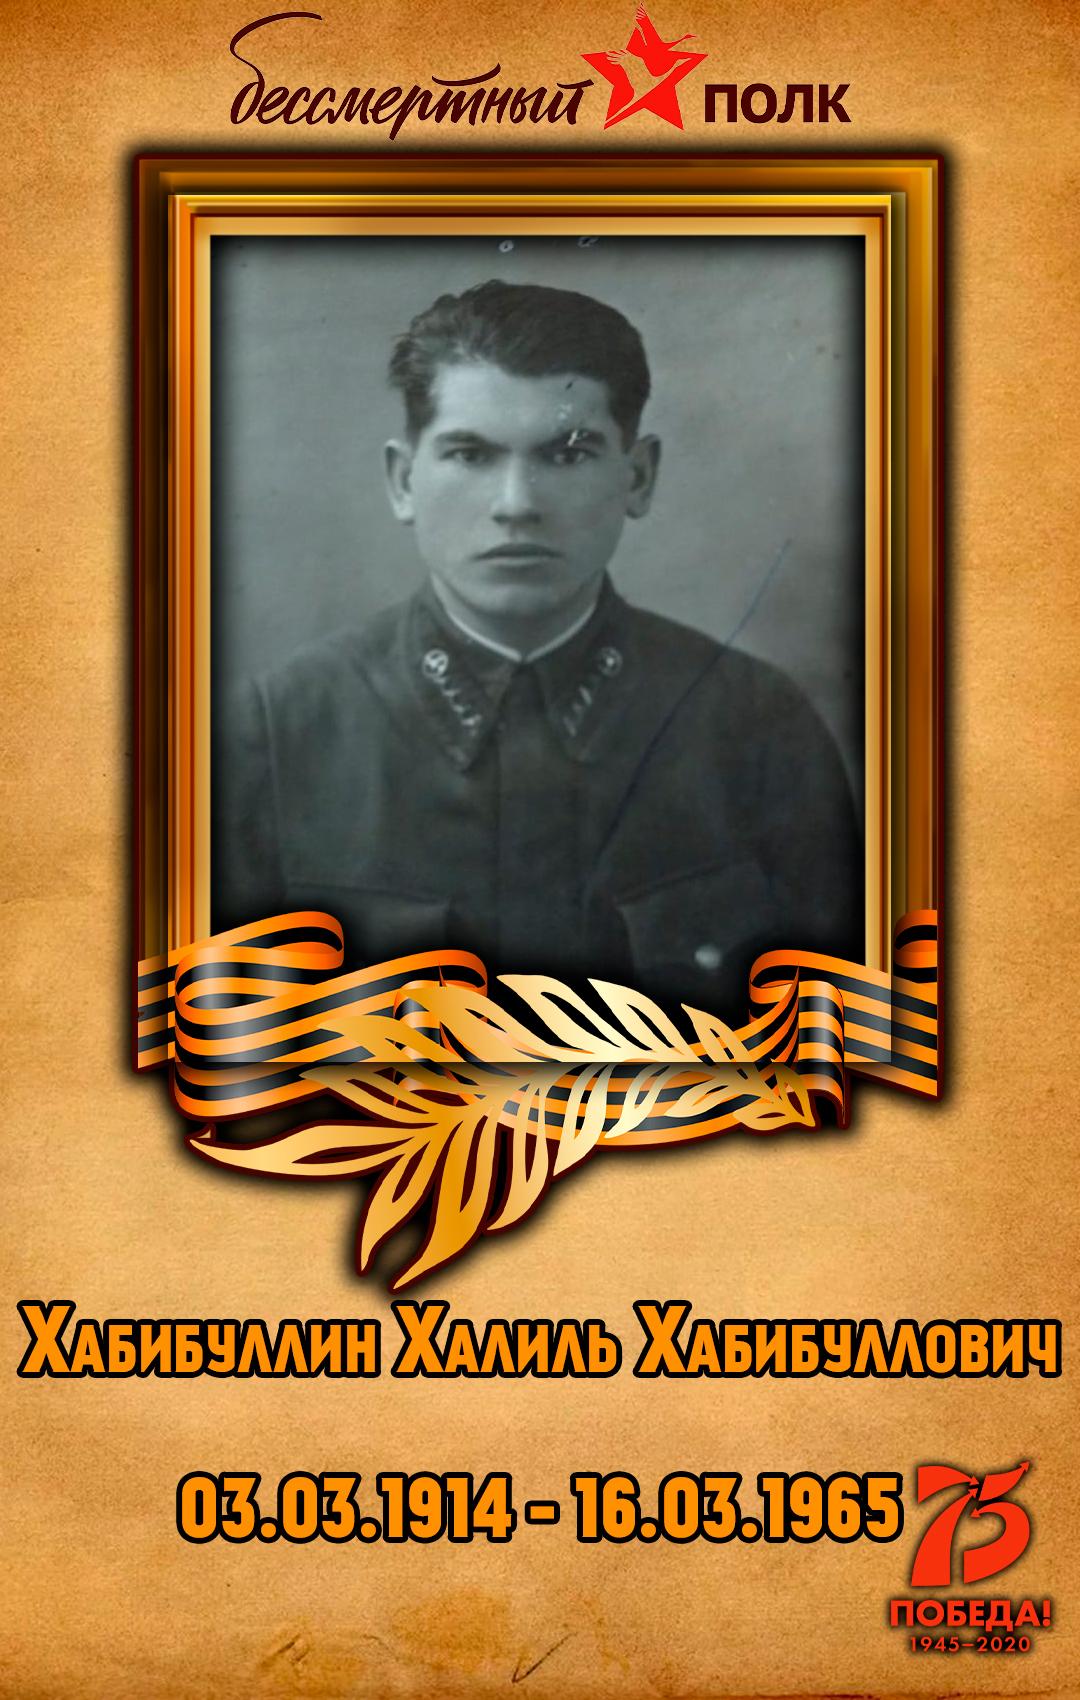 Хабибуллин-Халиль-Хабибуллович